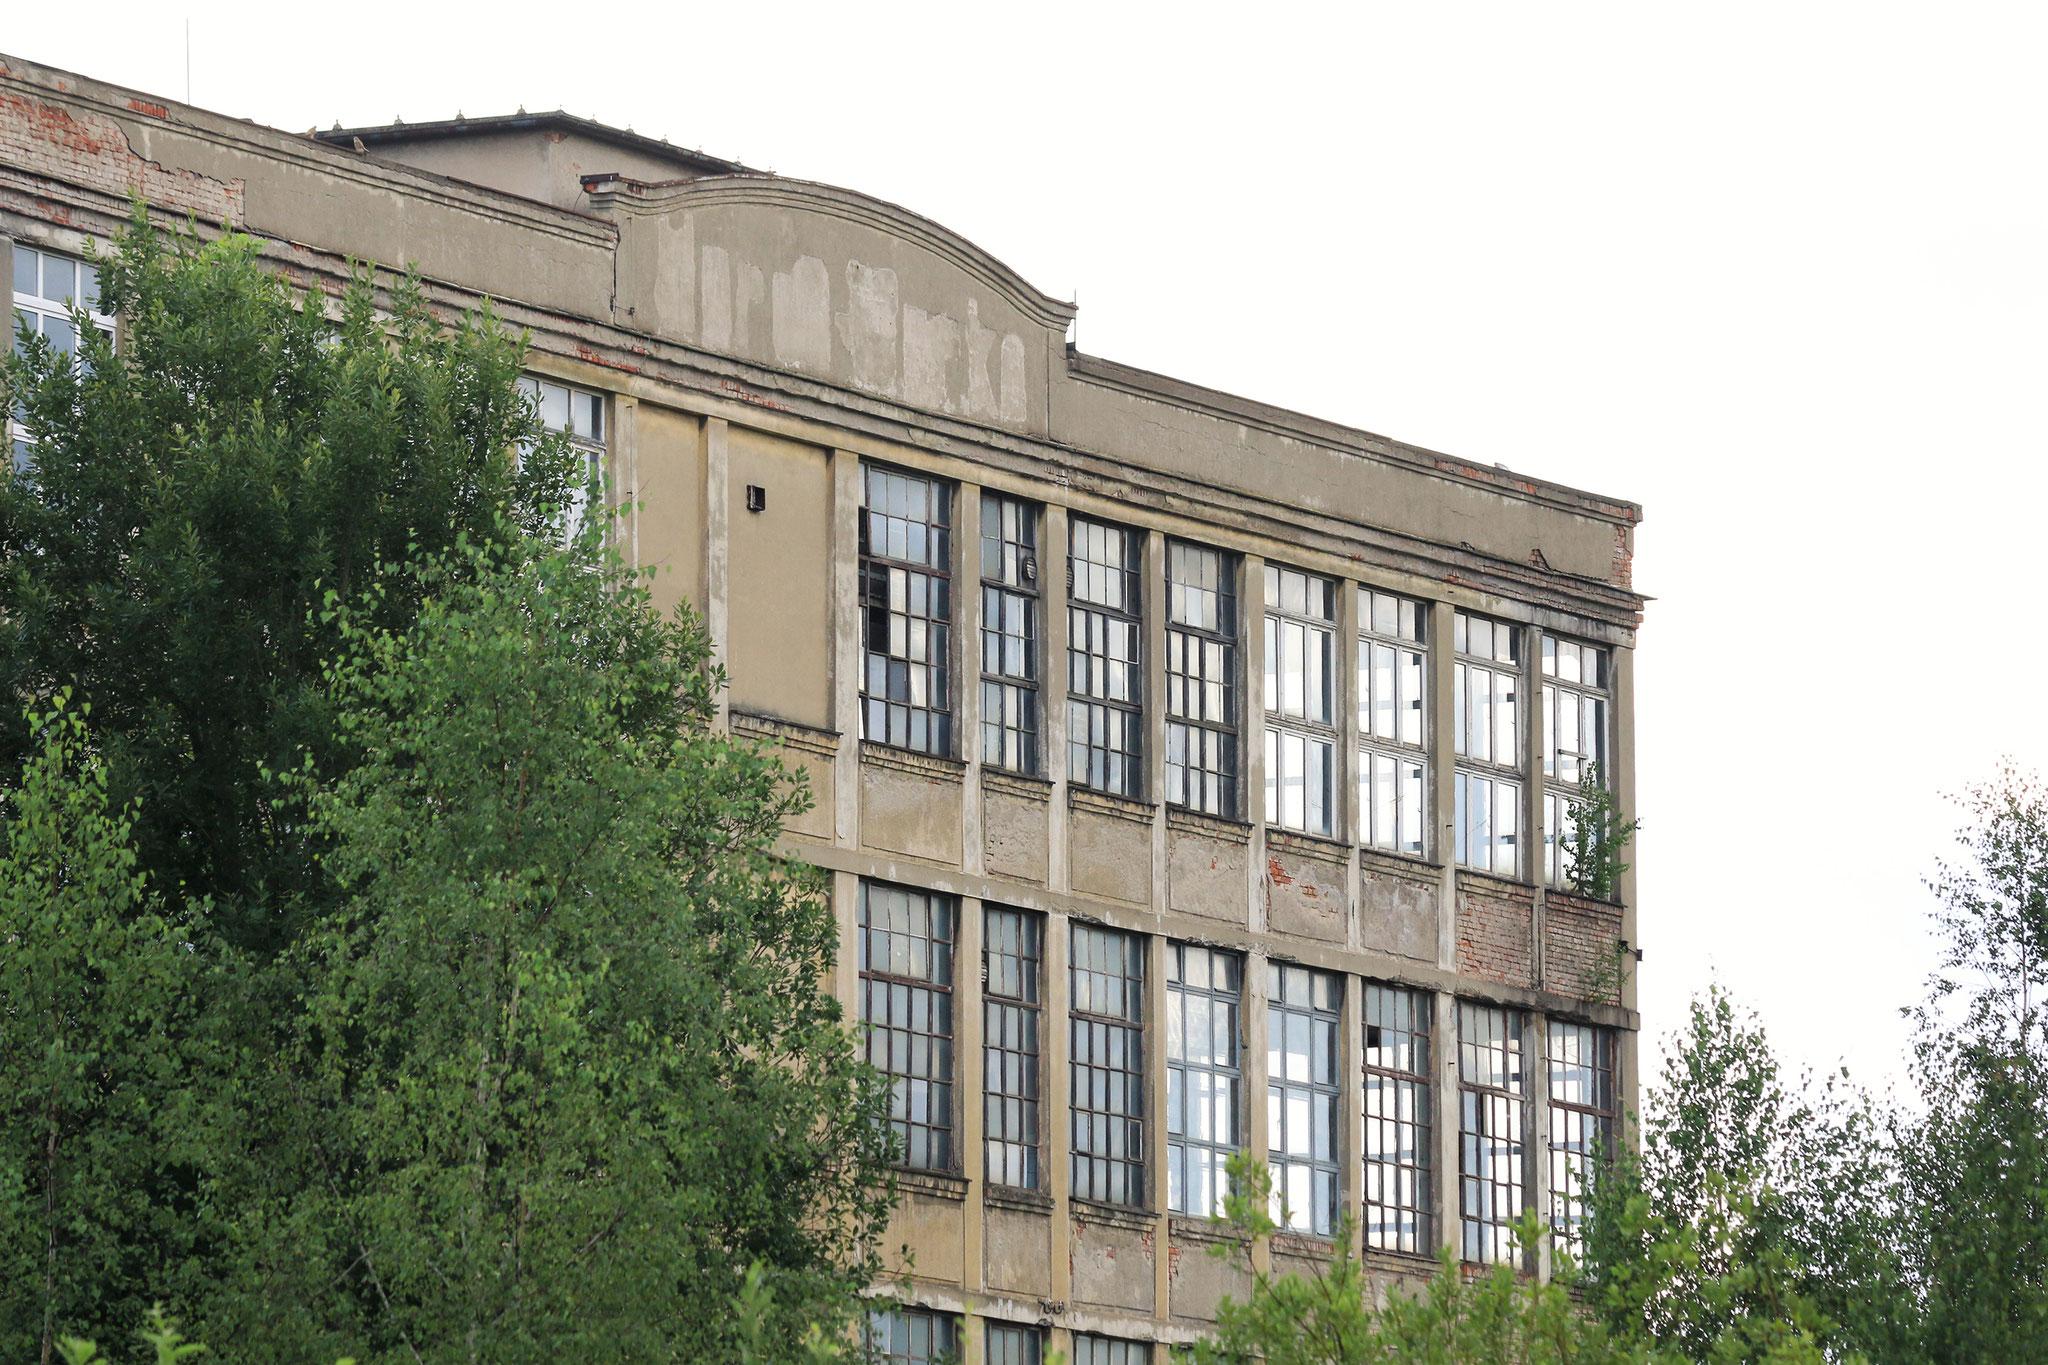 Horch-Werke Zwickau